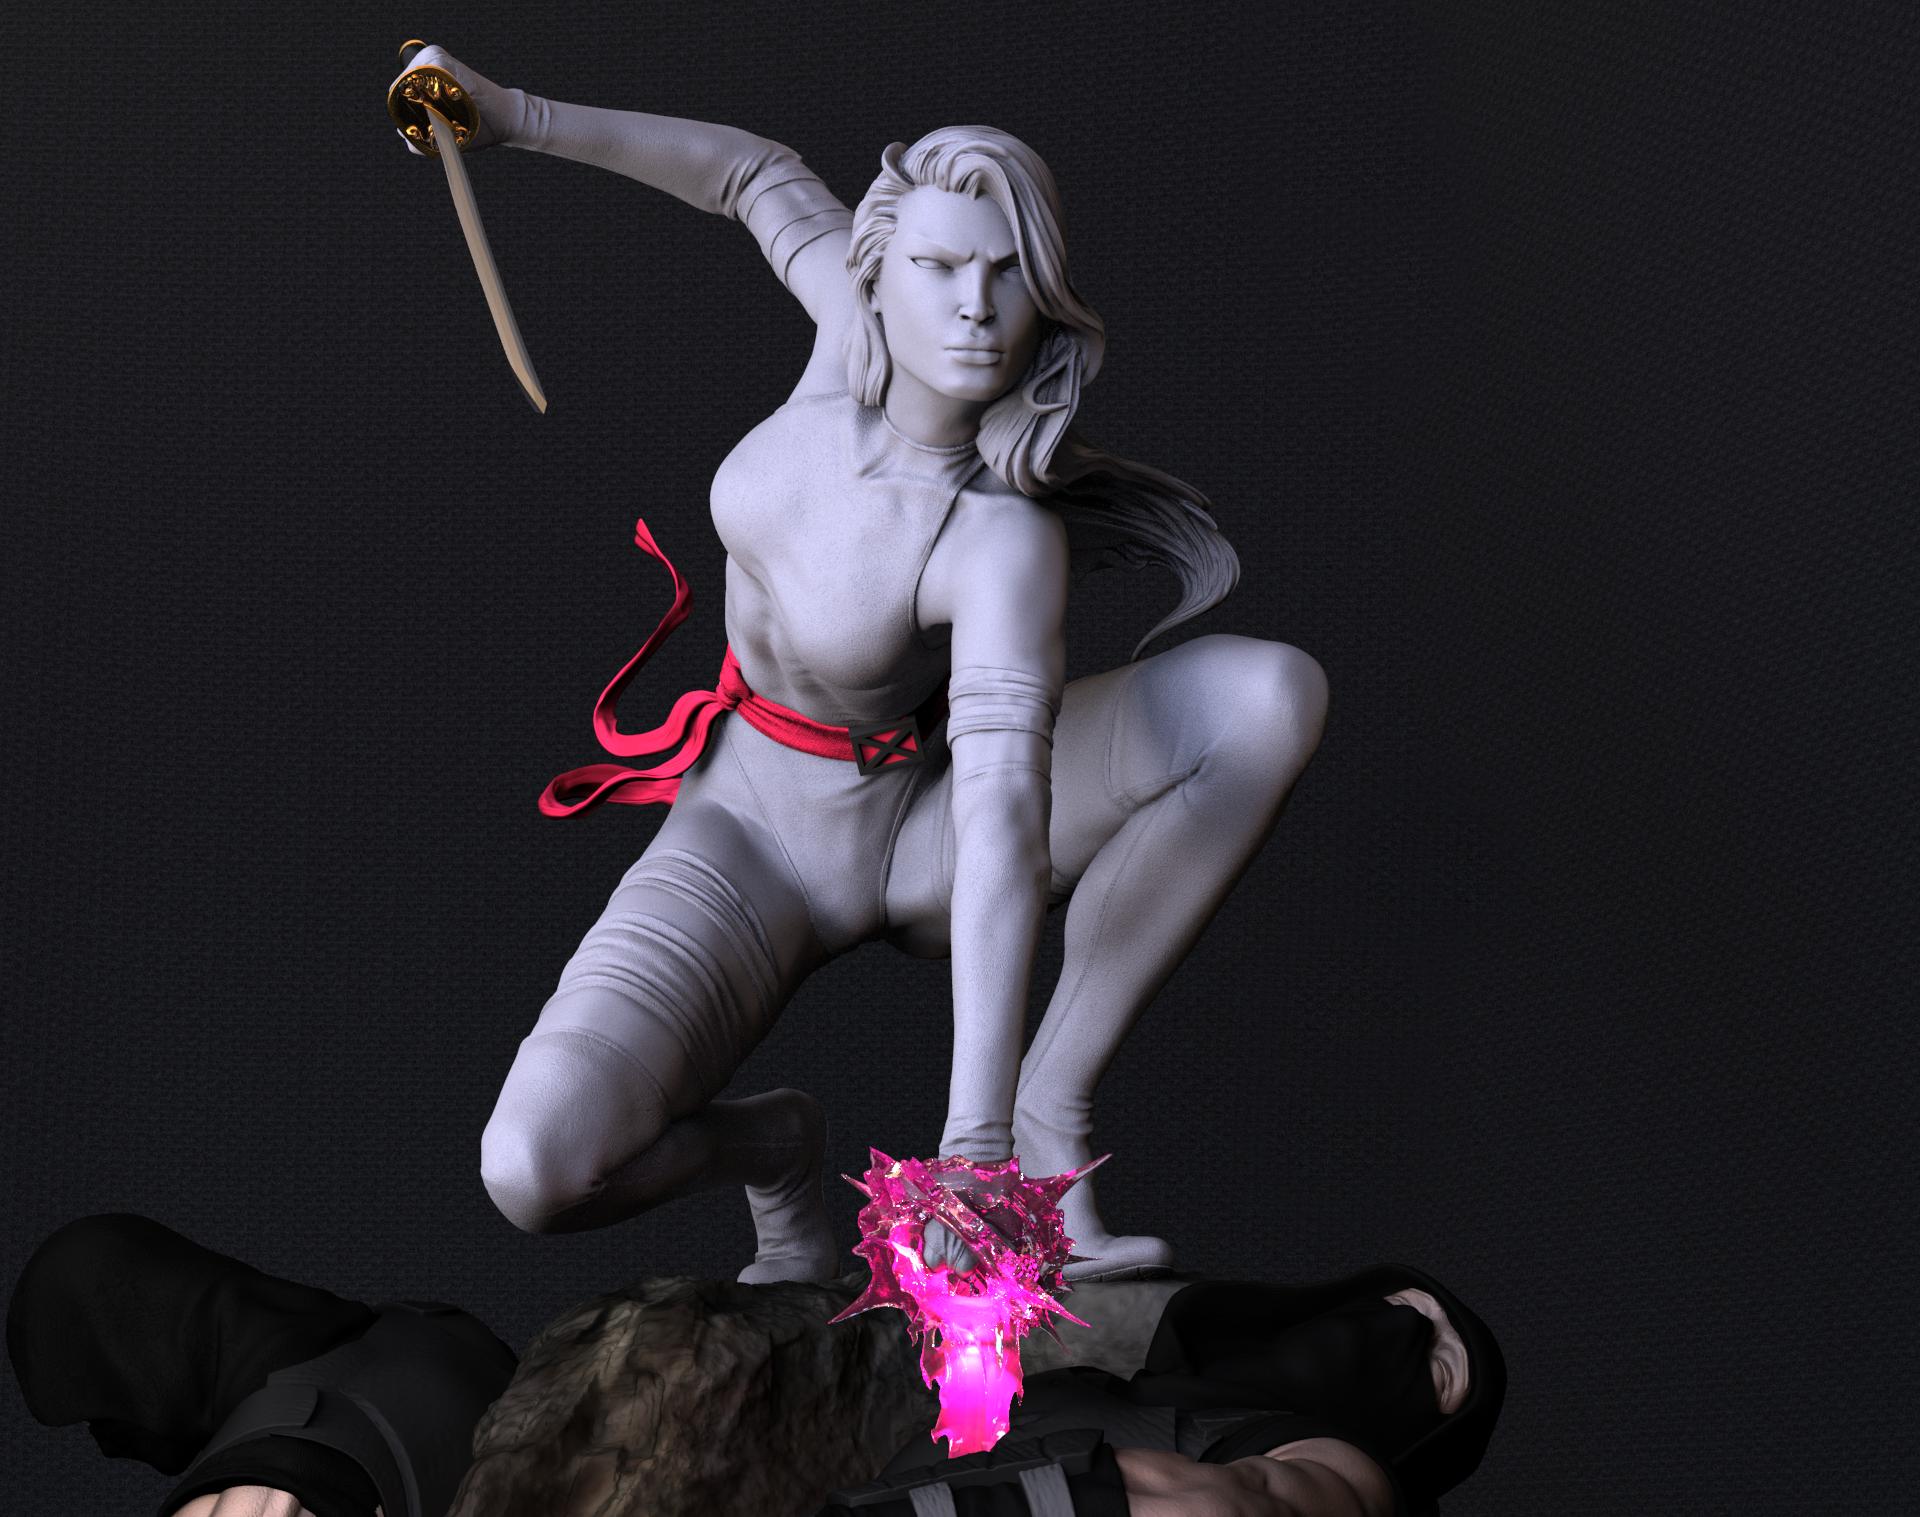 Escultura Digita de Psylocke